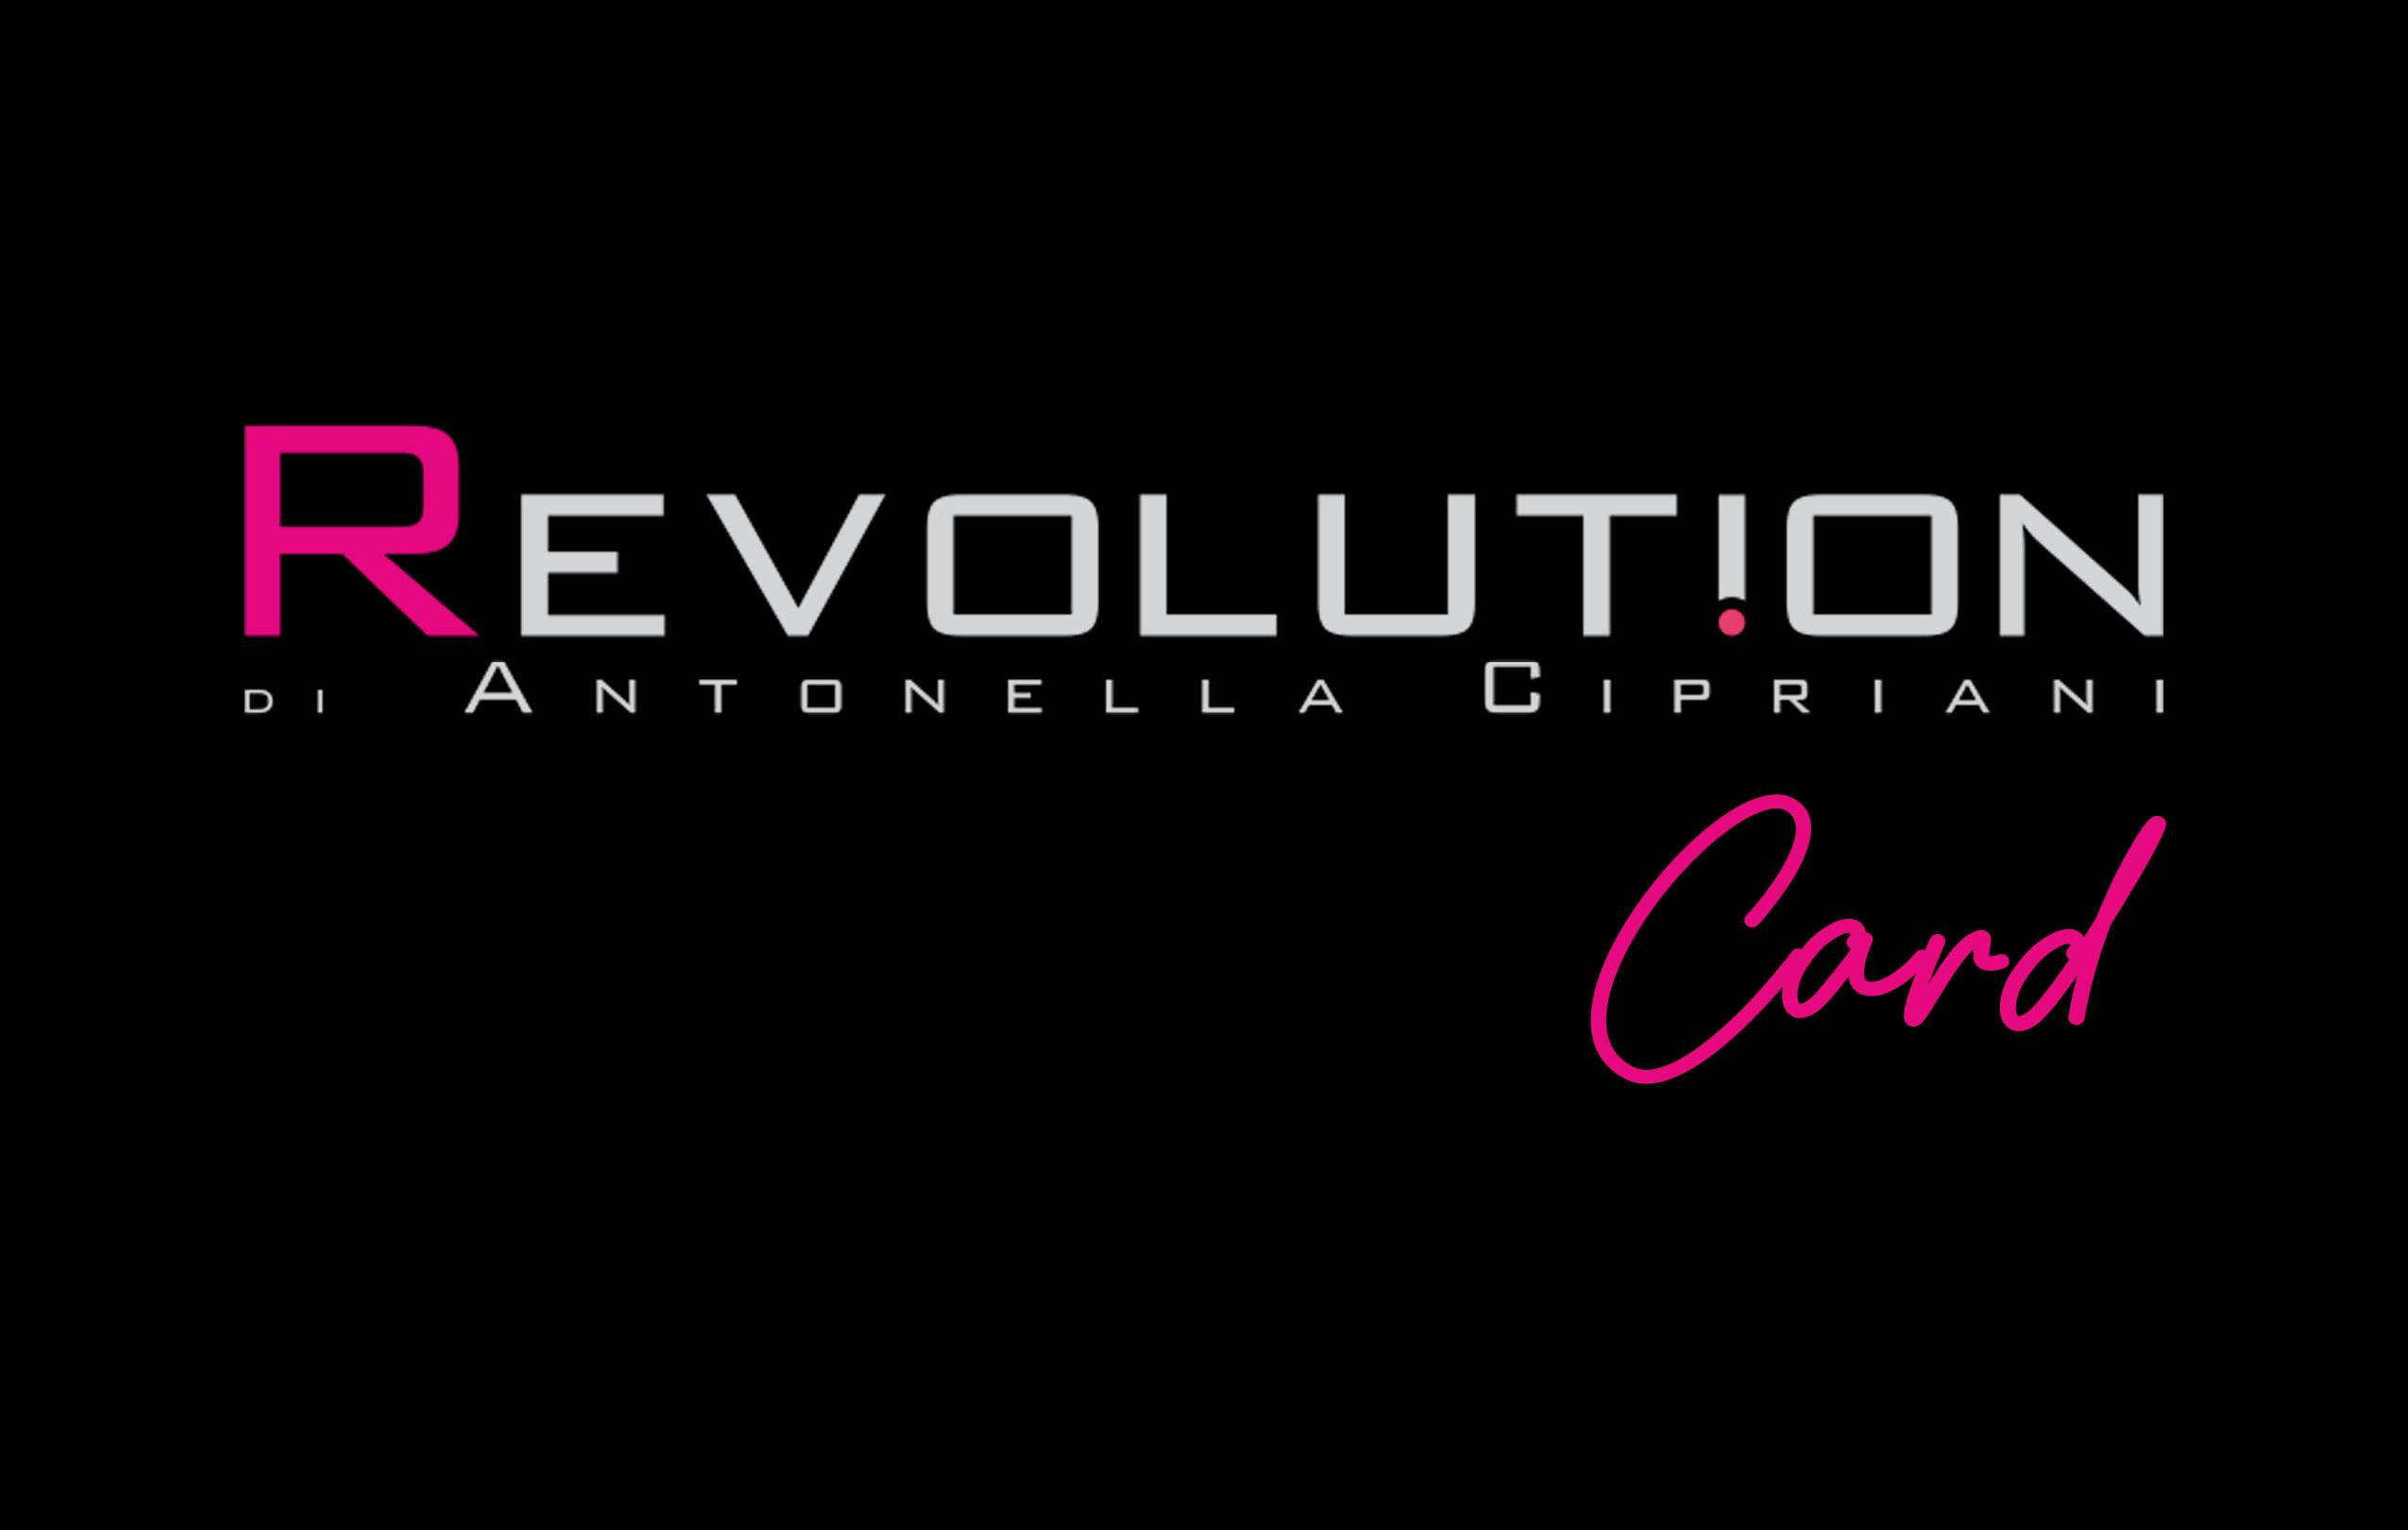 revolution-card